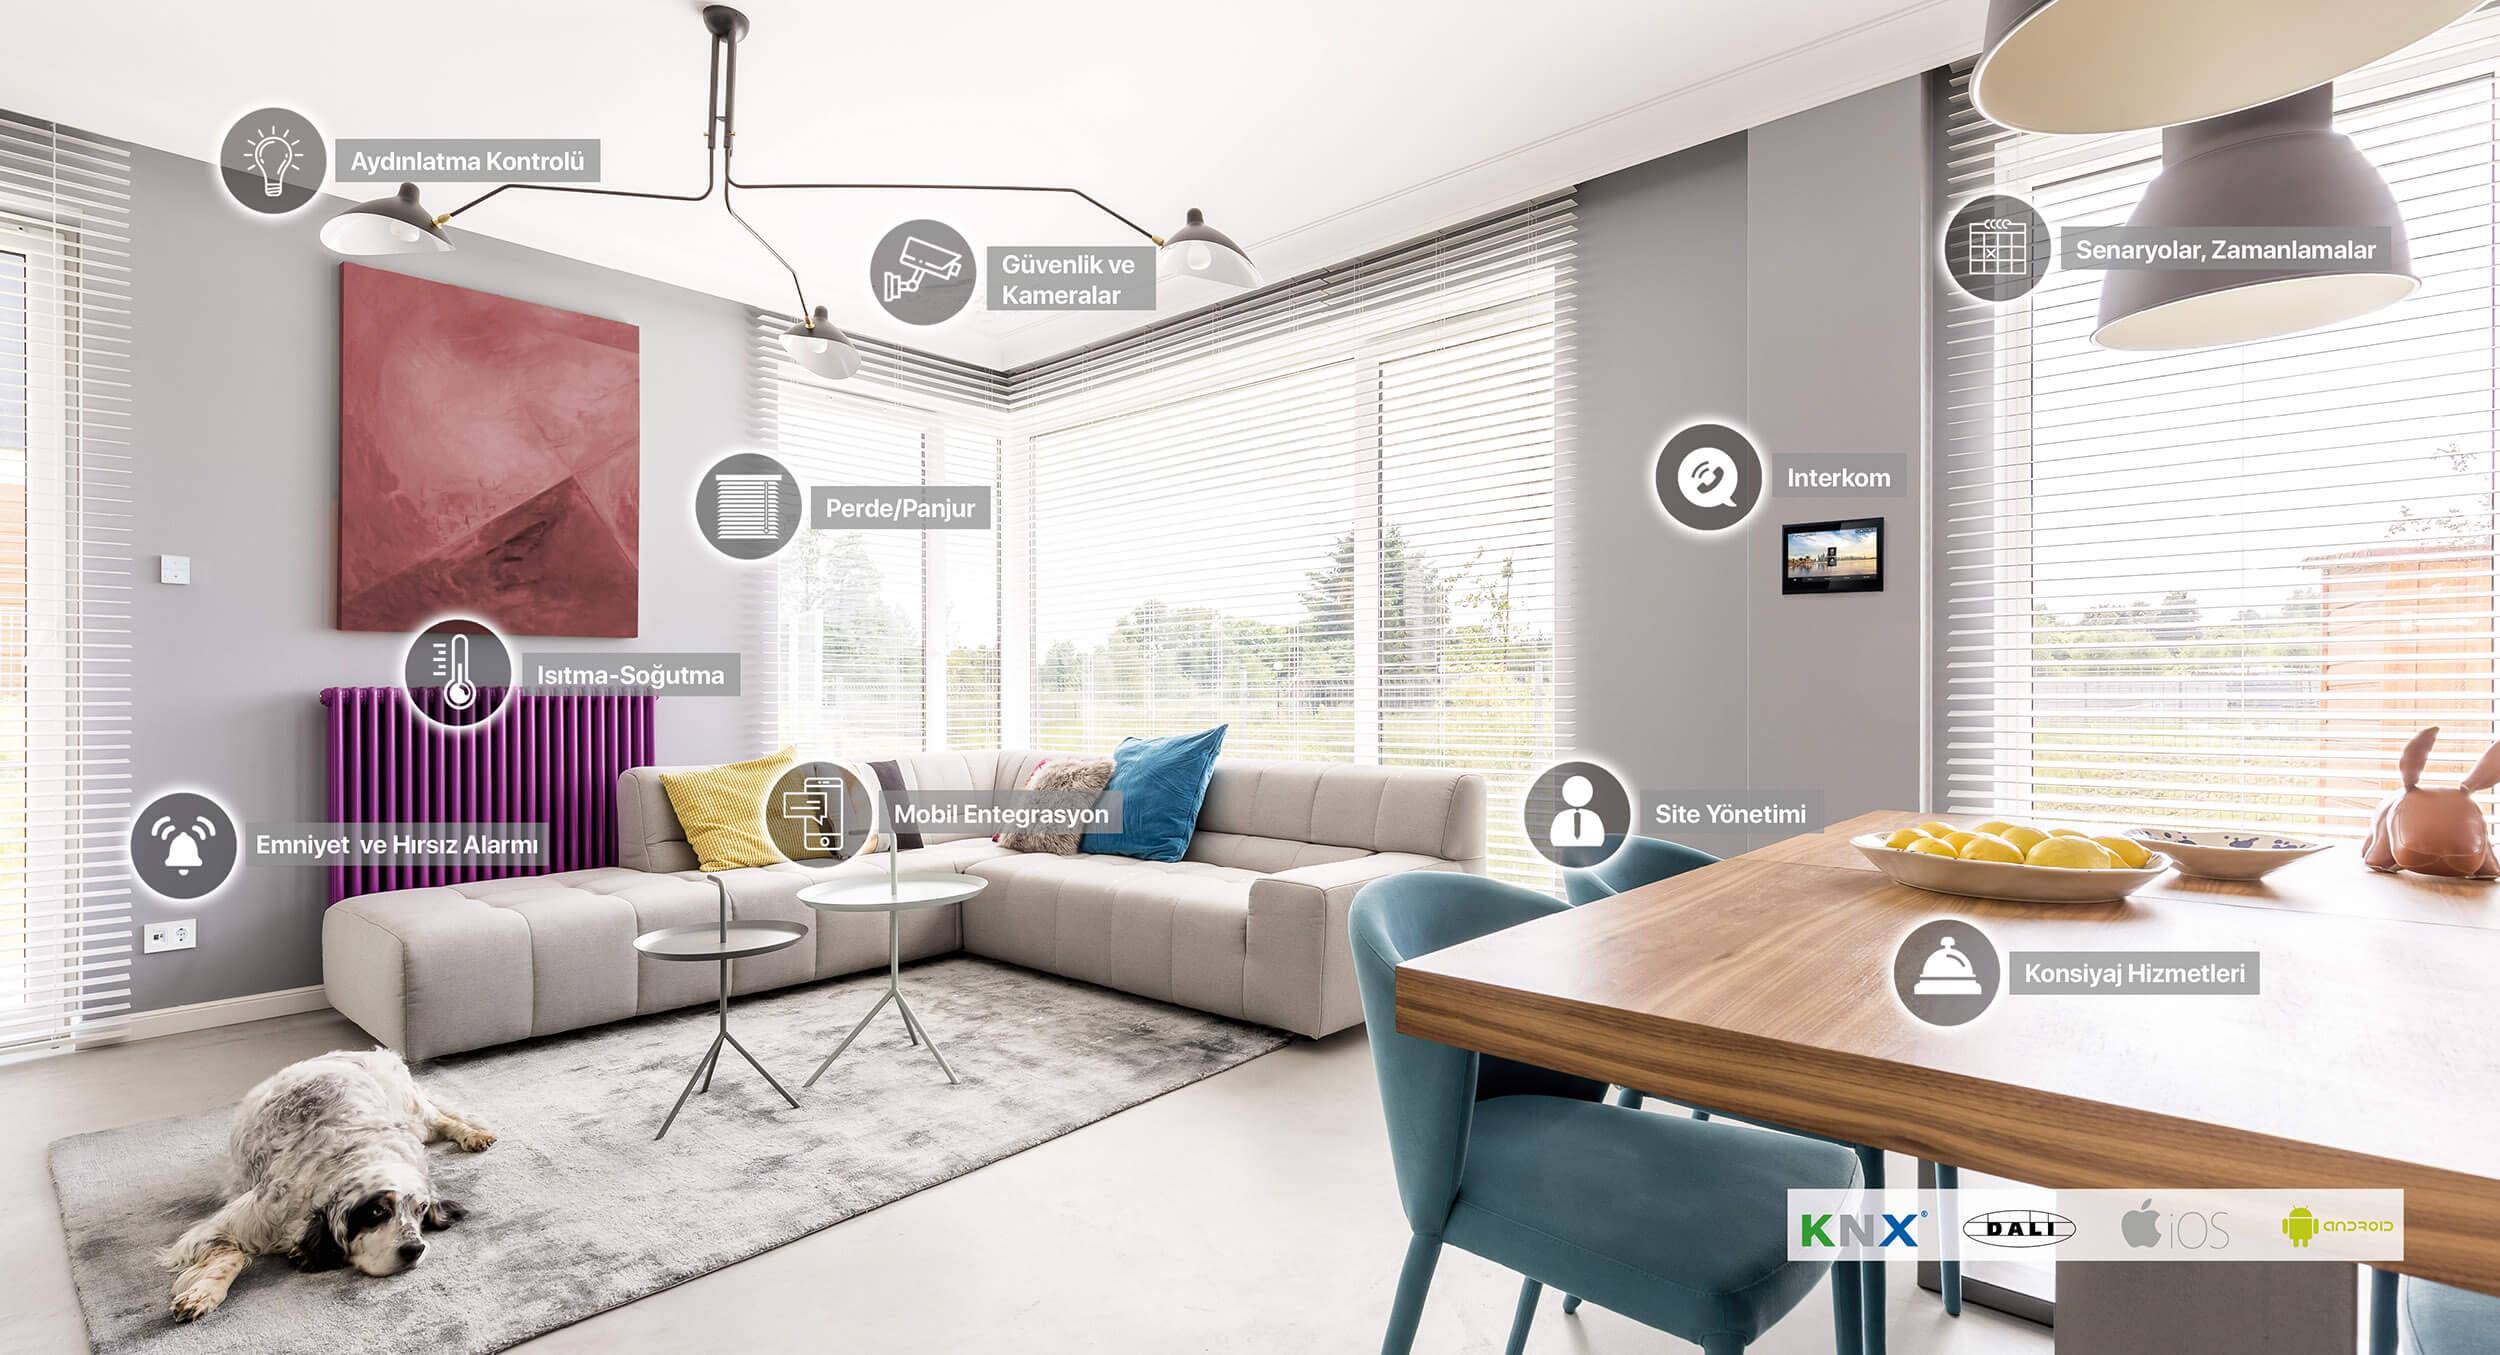 inita middle header 02 - KNX Akıllı Ev & Rezidans Çözümleri